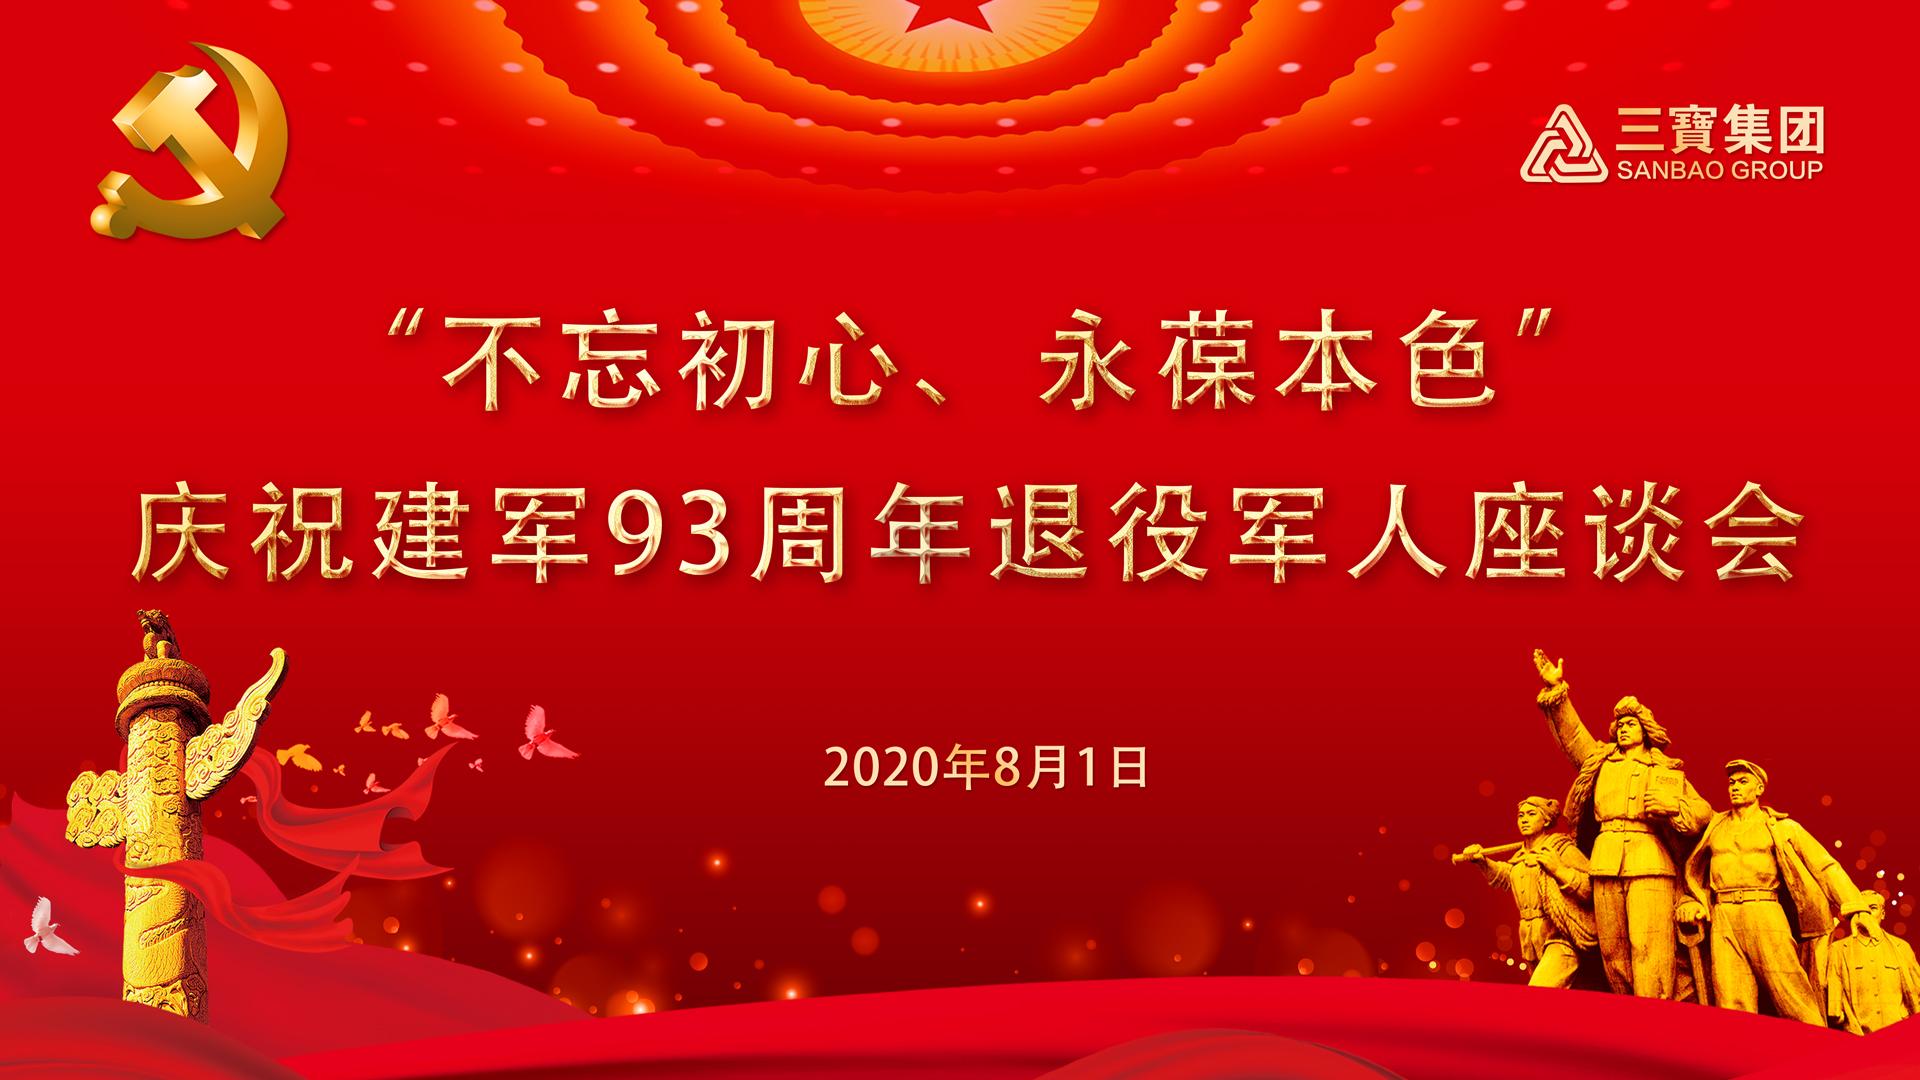 必威app精装版集团庆祝建军93周年